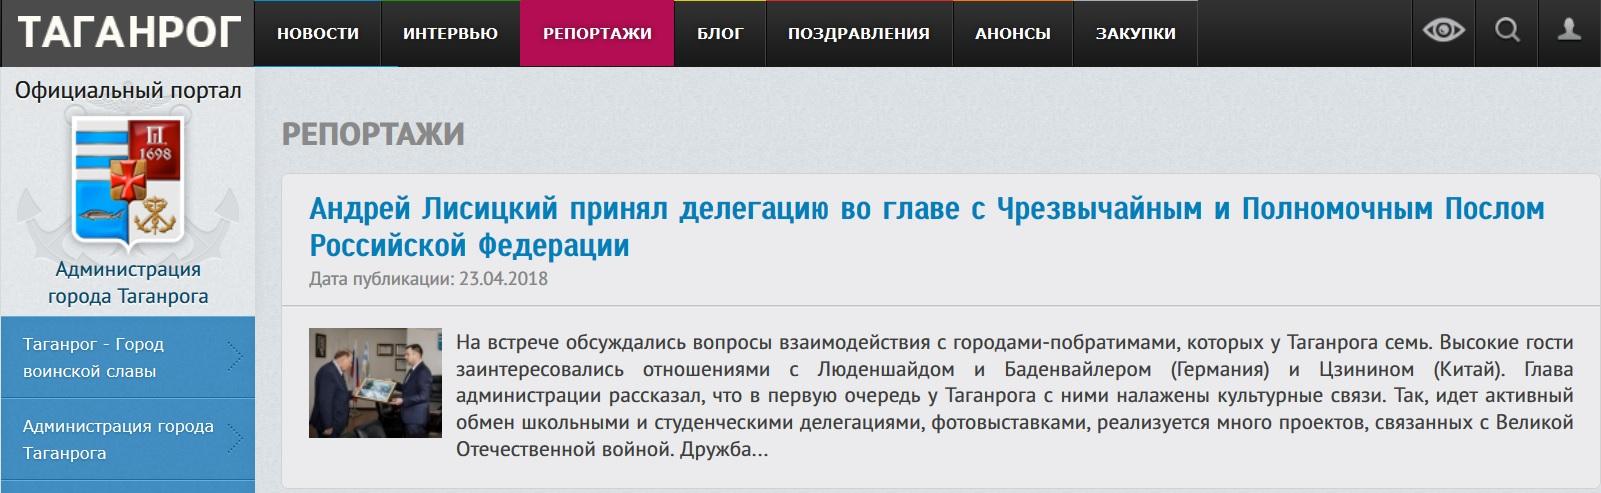 Таганрог - вольный город